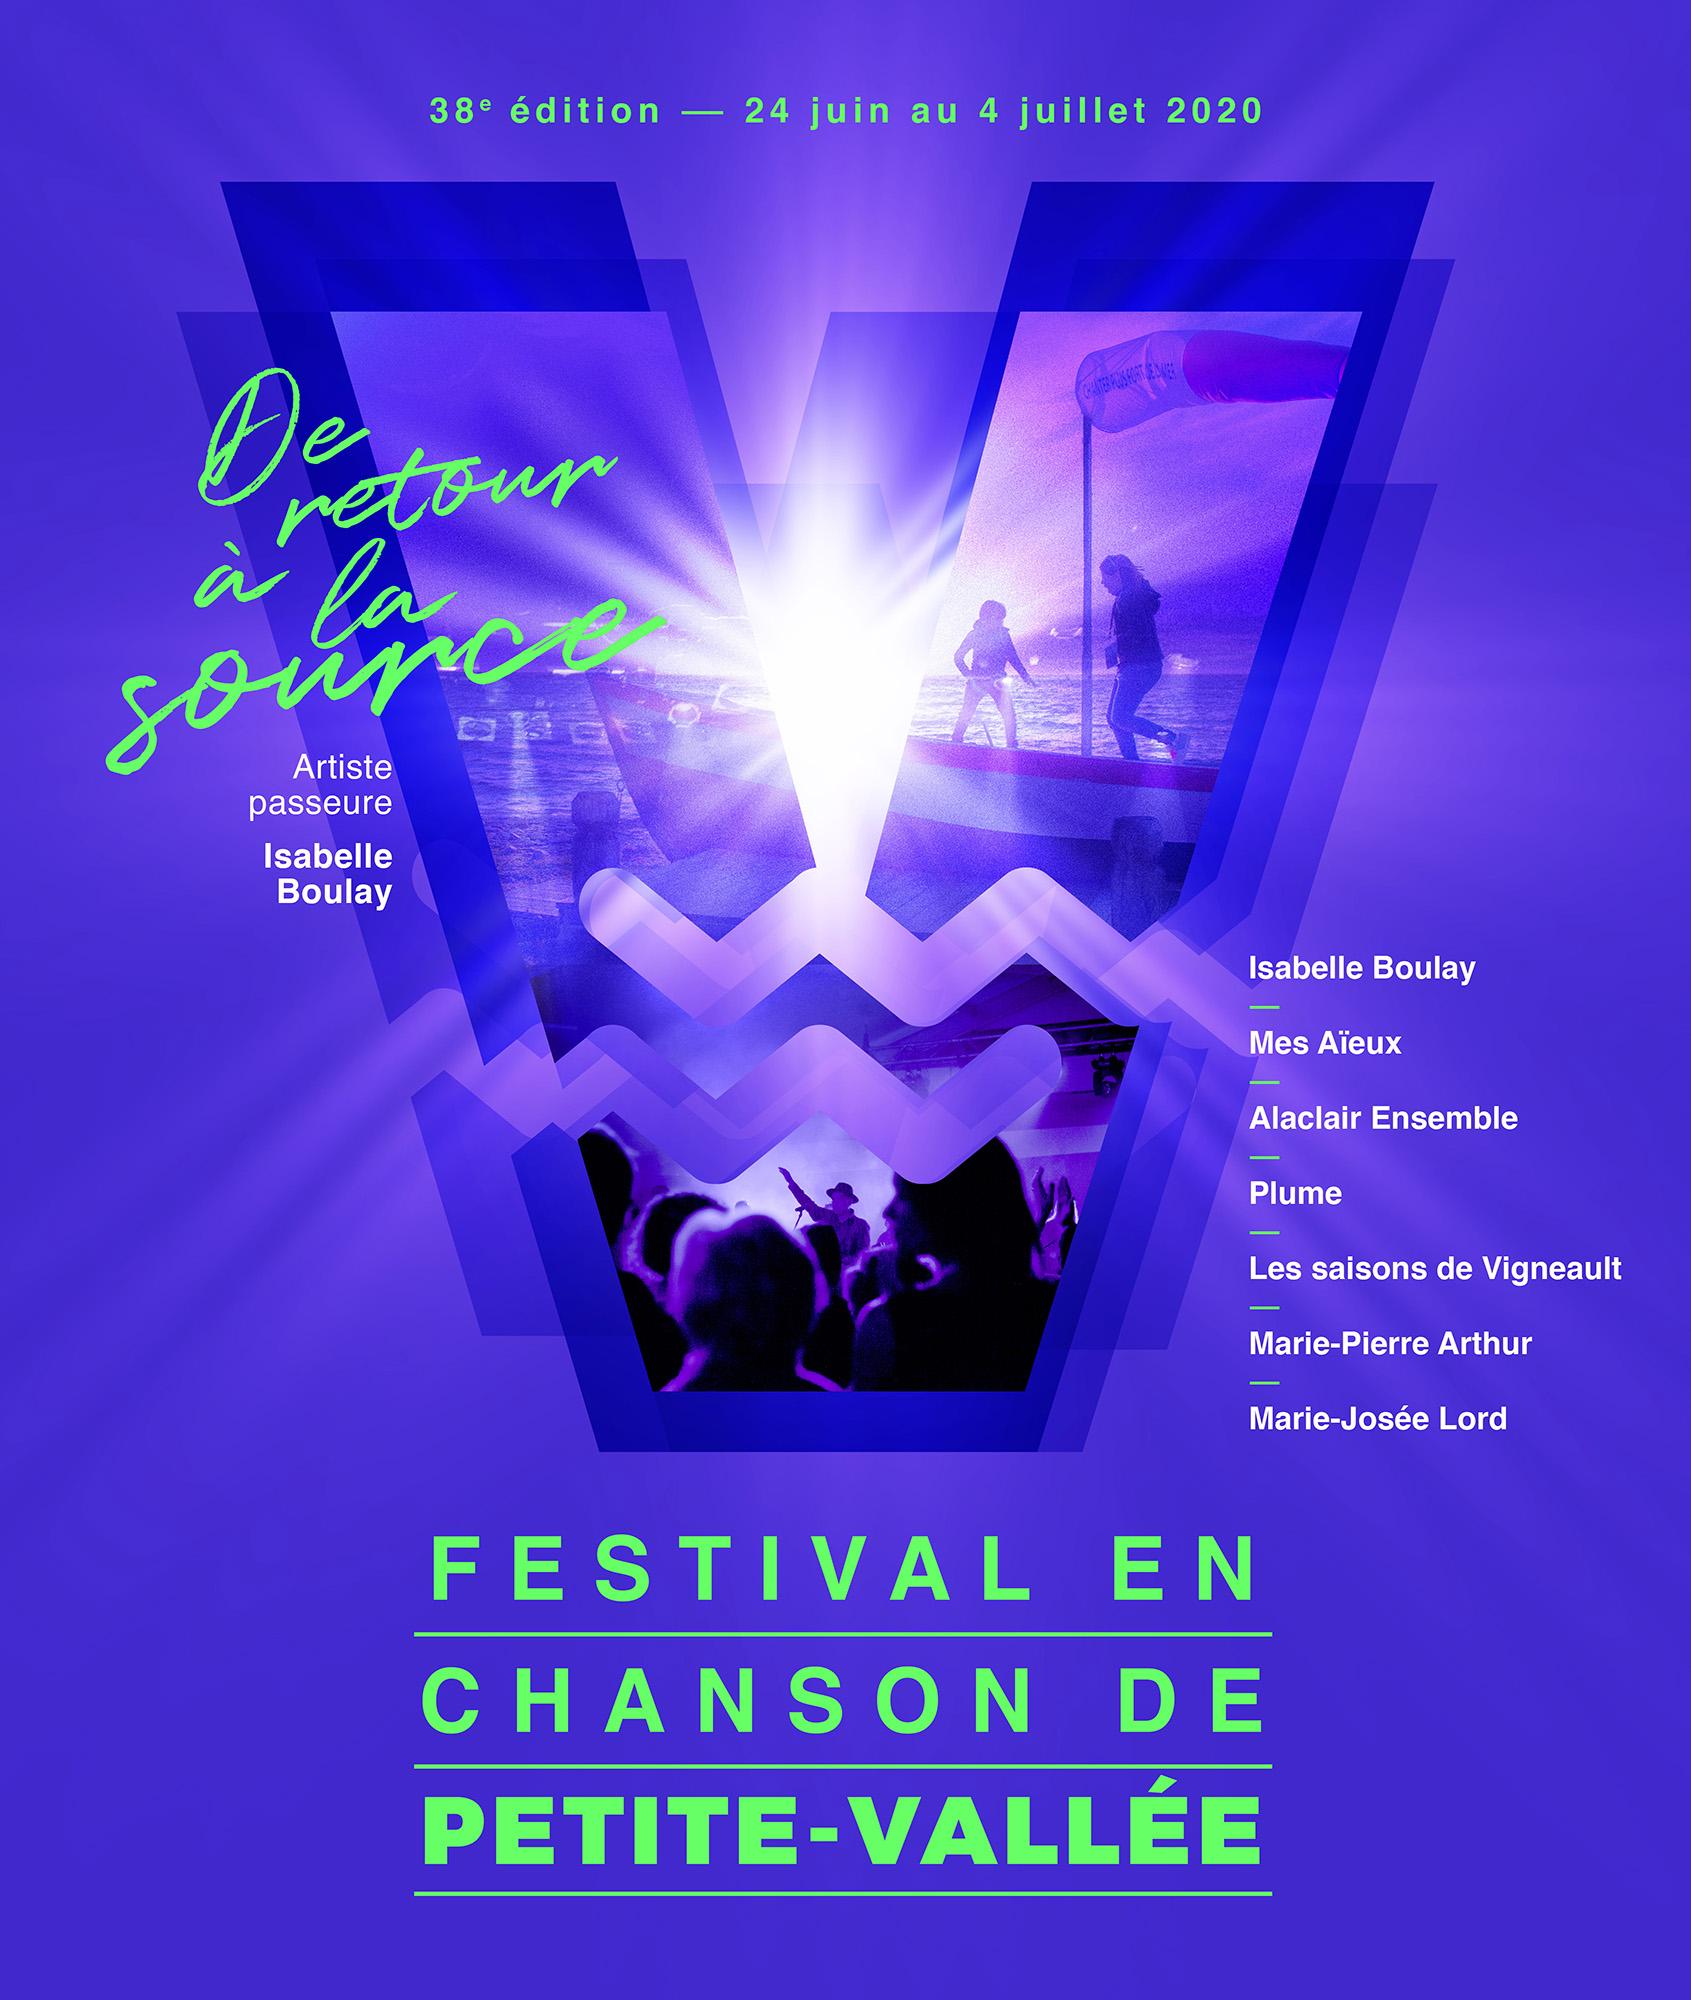 Le Festival en chanson de Petite-Vallée dévoile les premiers noms de sa 38e édition